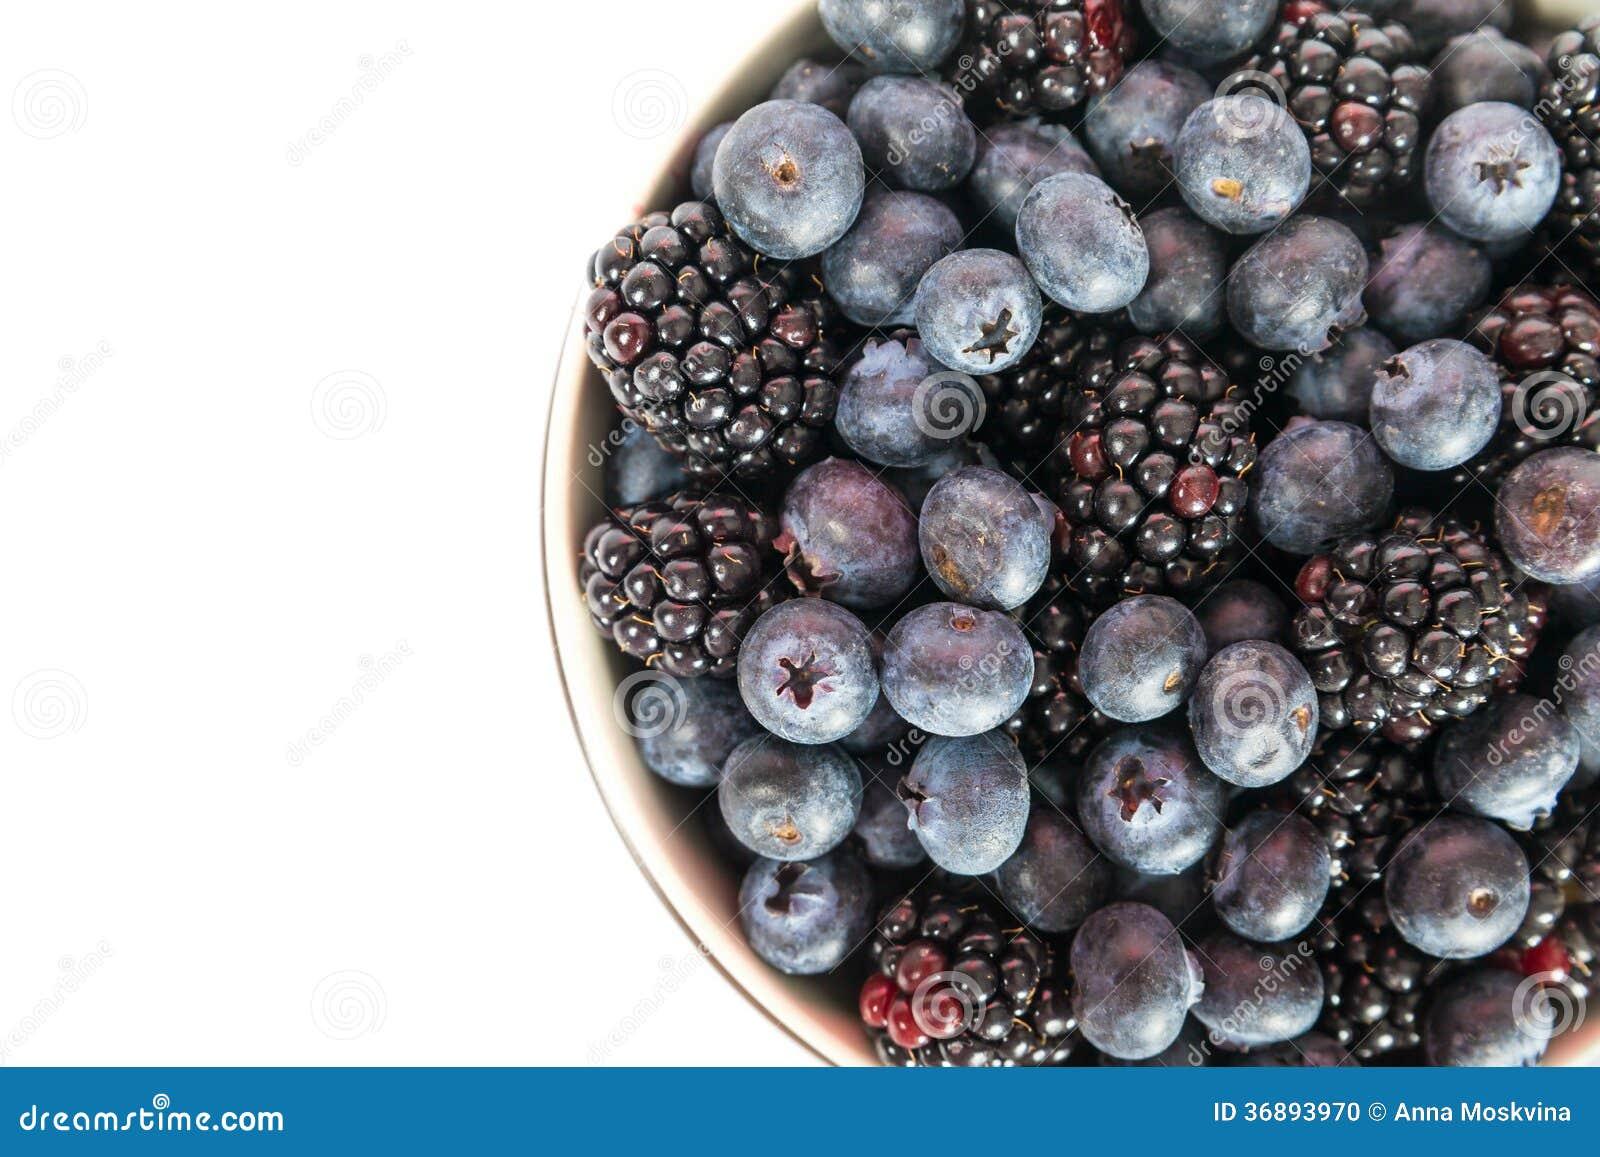 Download Bluberries e more fotografia stock. Immagine di sugoso - 36893970